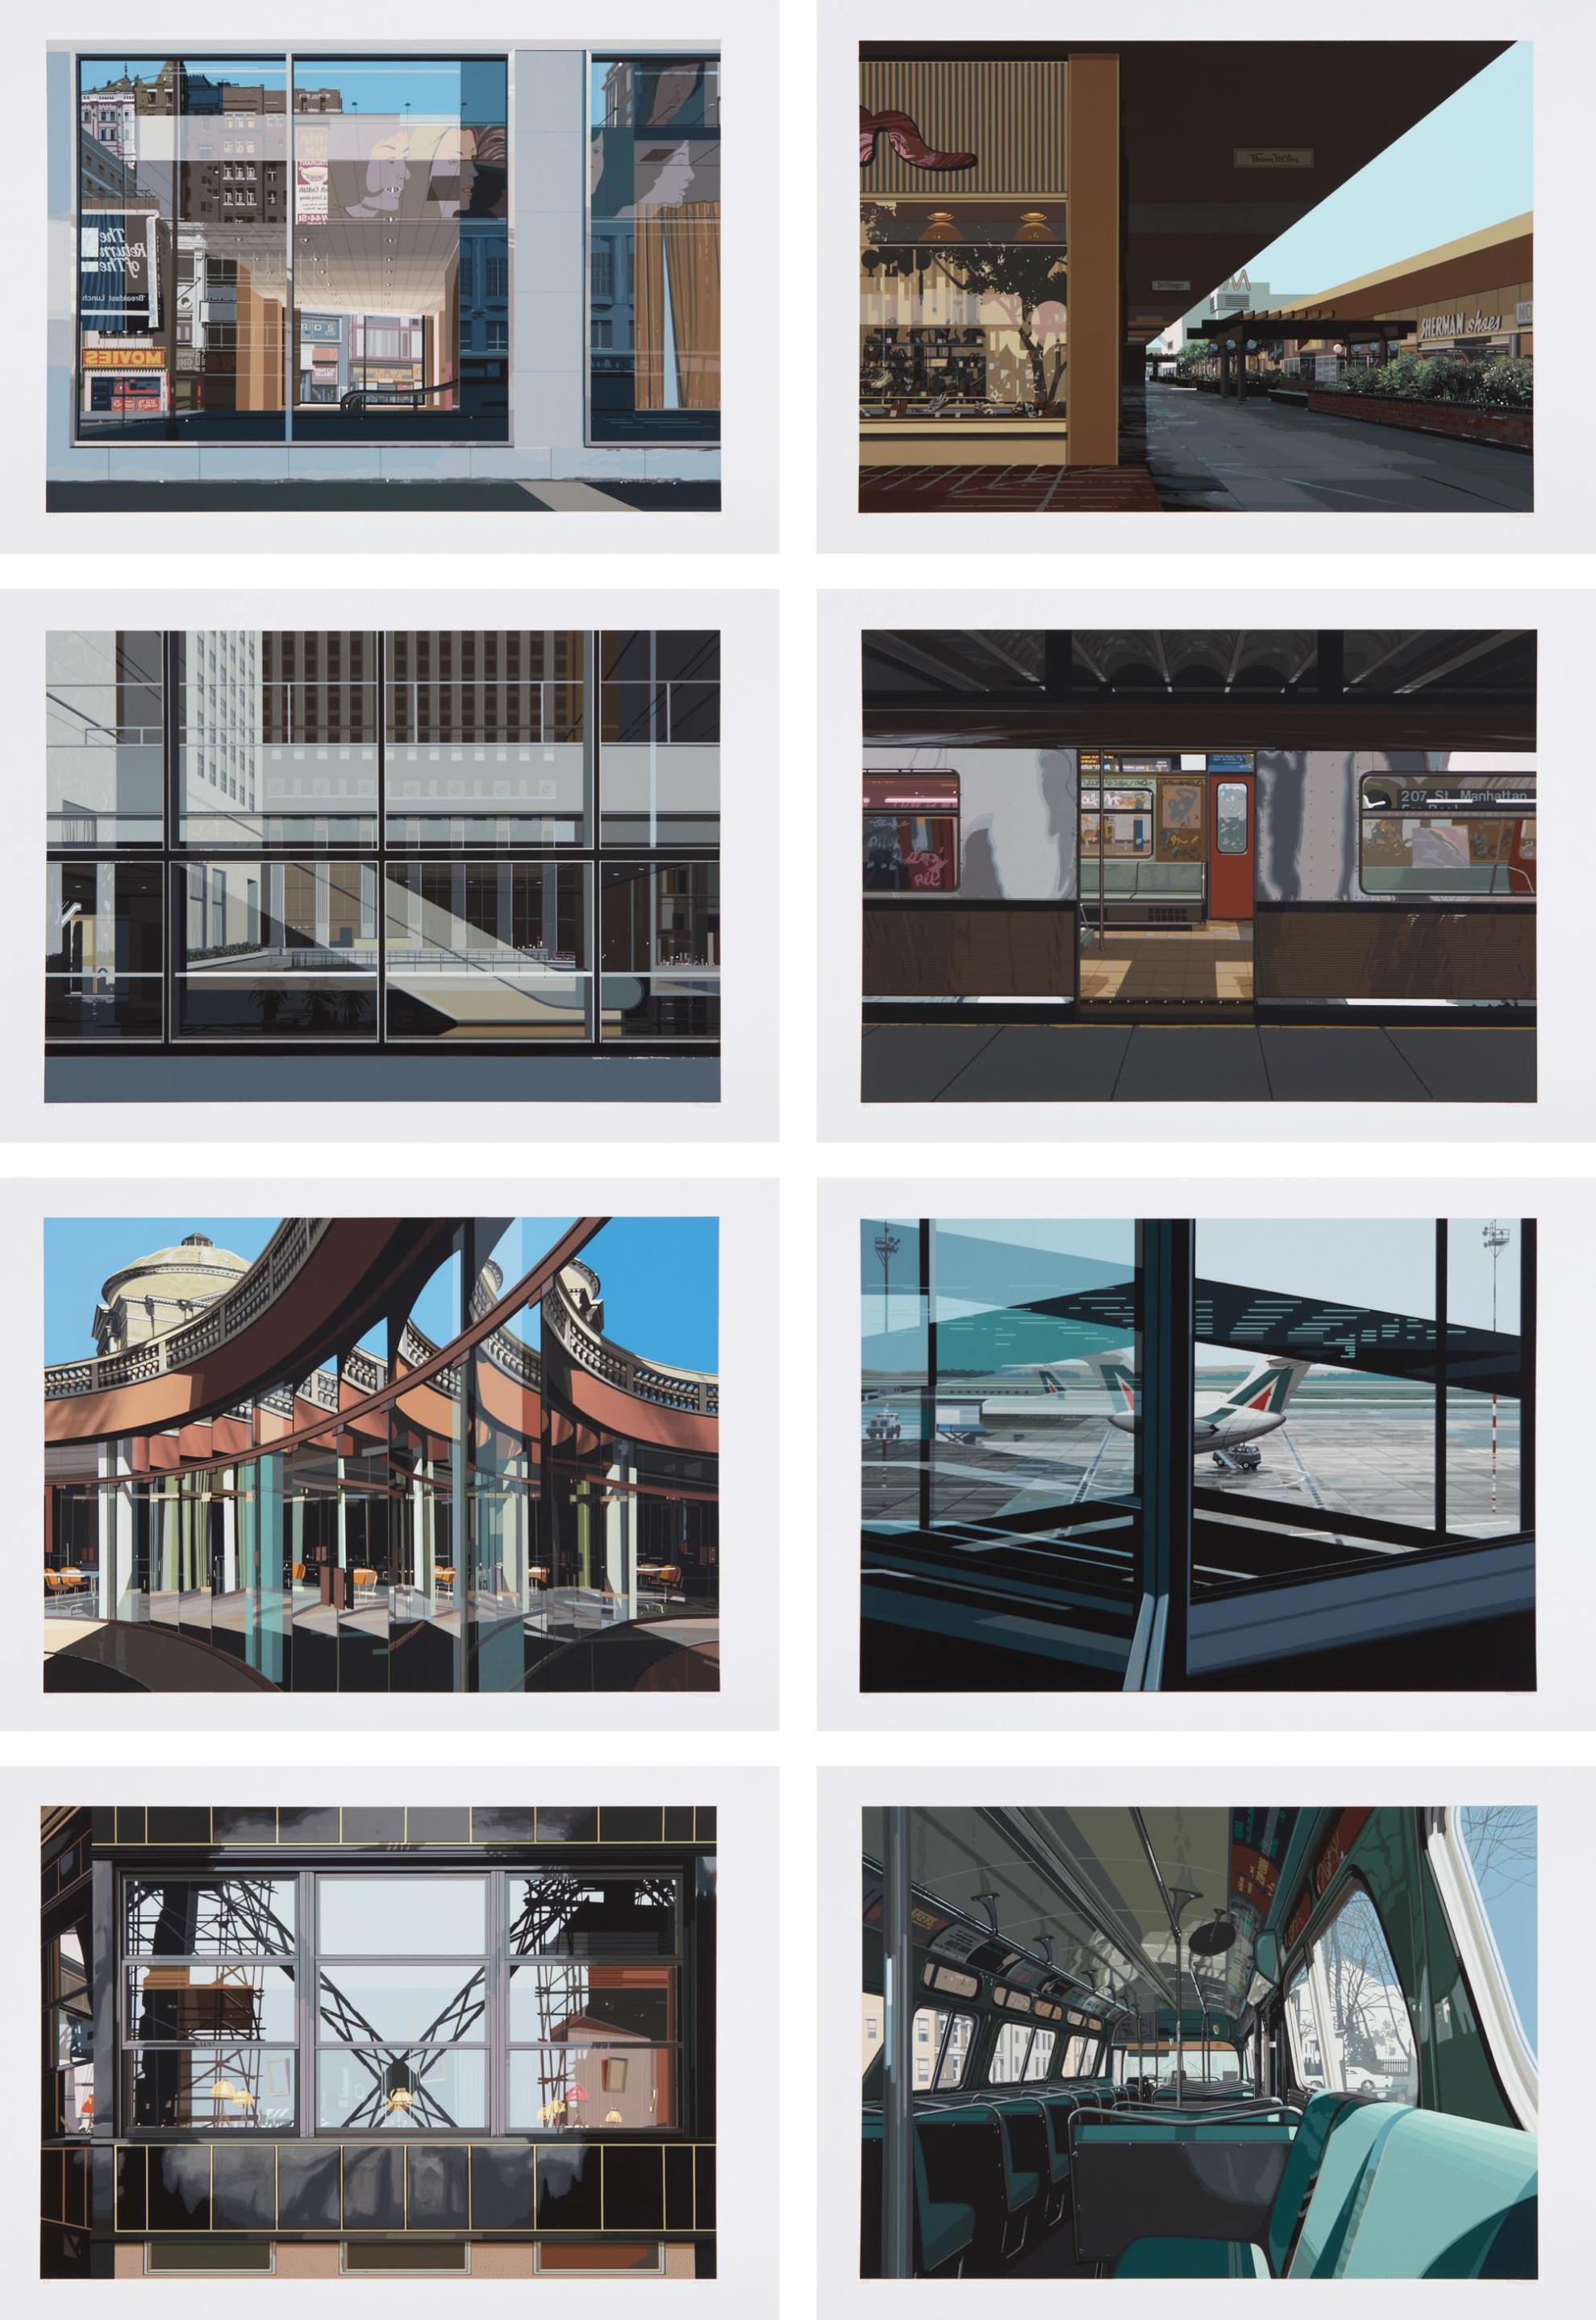 Richard Estes-Urban Landscapes No. 3-1981